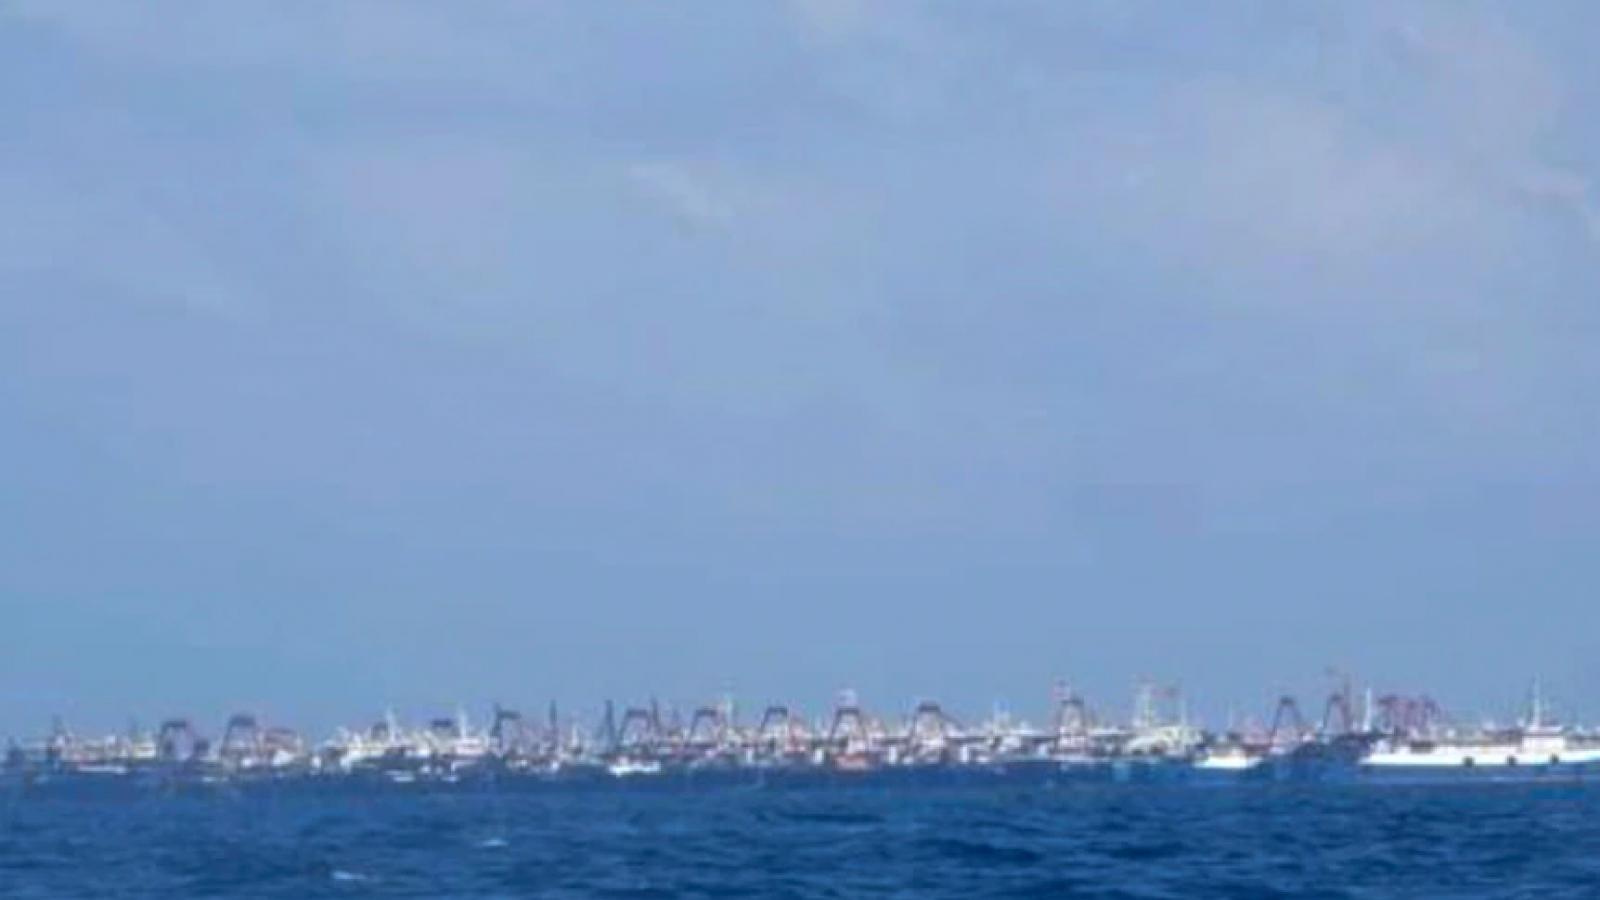 Báo chí Australia đưa tin về việc Trung Quốc đưa tàu đến đá Ba Đầu ở cụm Sinh Tồn